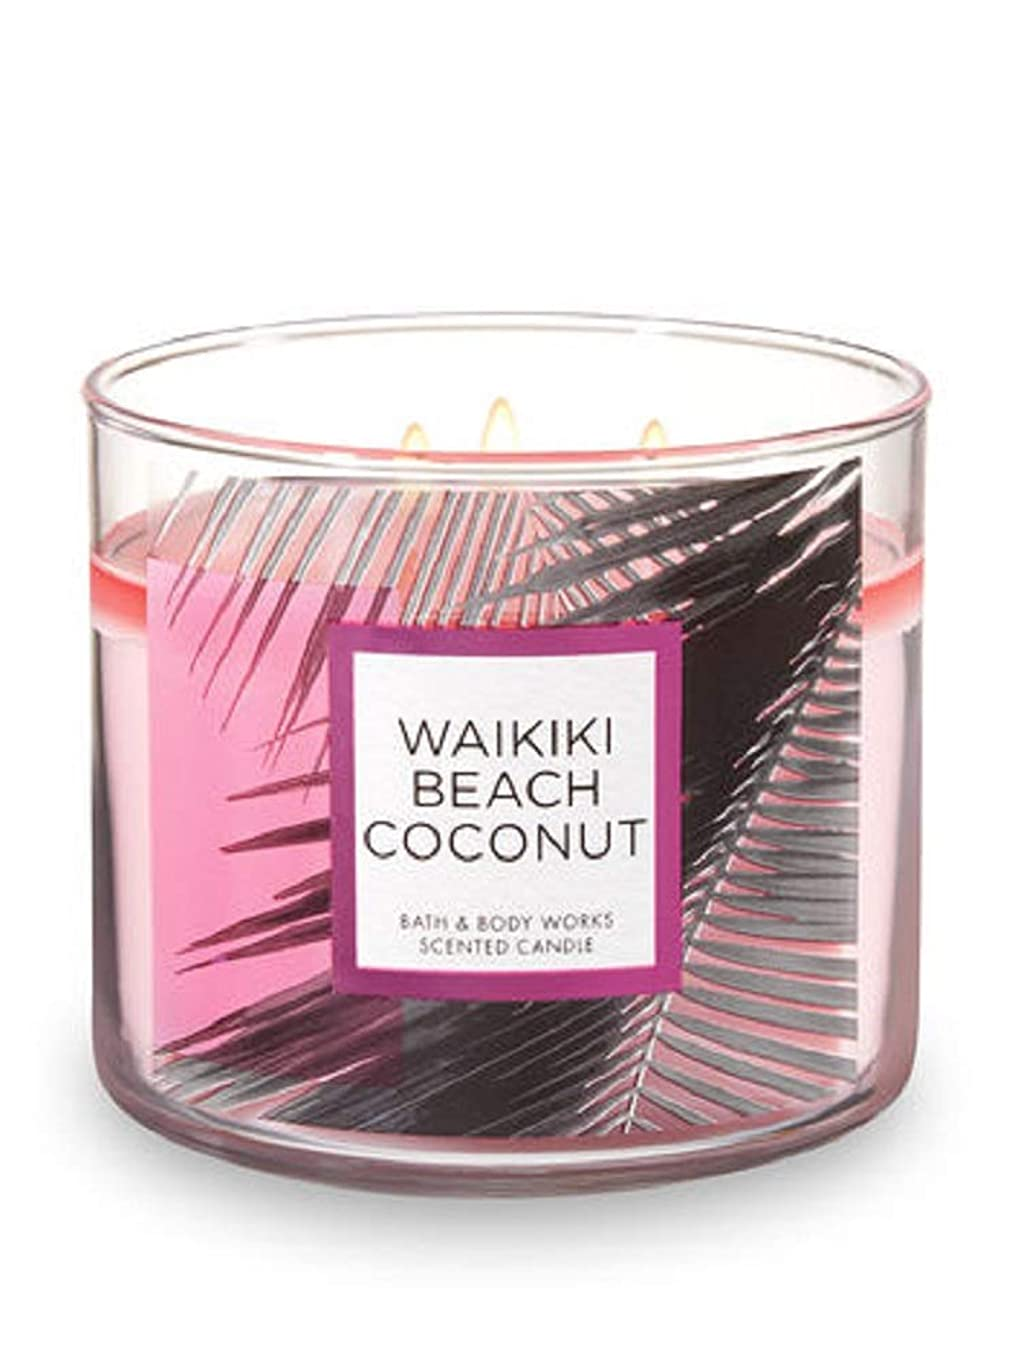 ブラジャー助言する報復するBath and Body Works 3 Wick Scented Waikiki Beach Coconut 430ml with Essential Oils